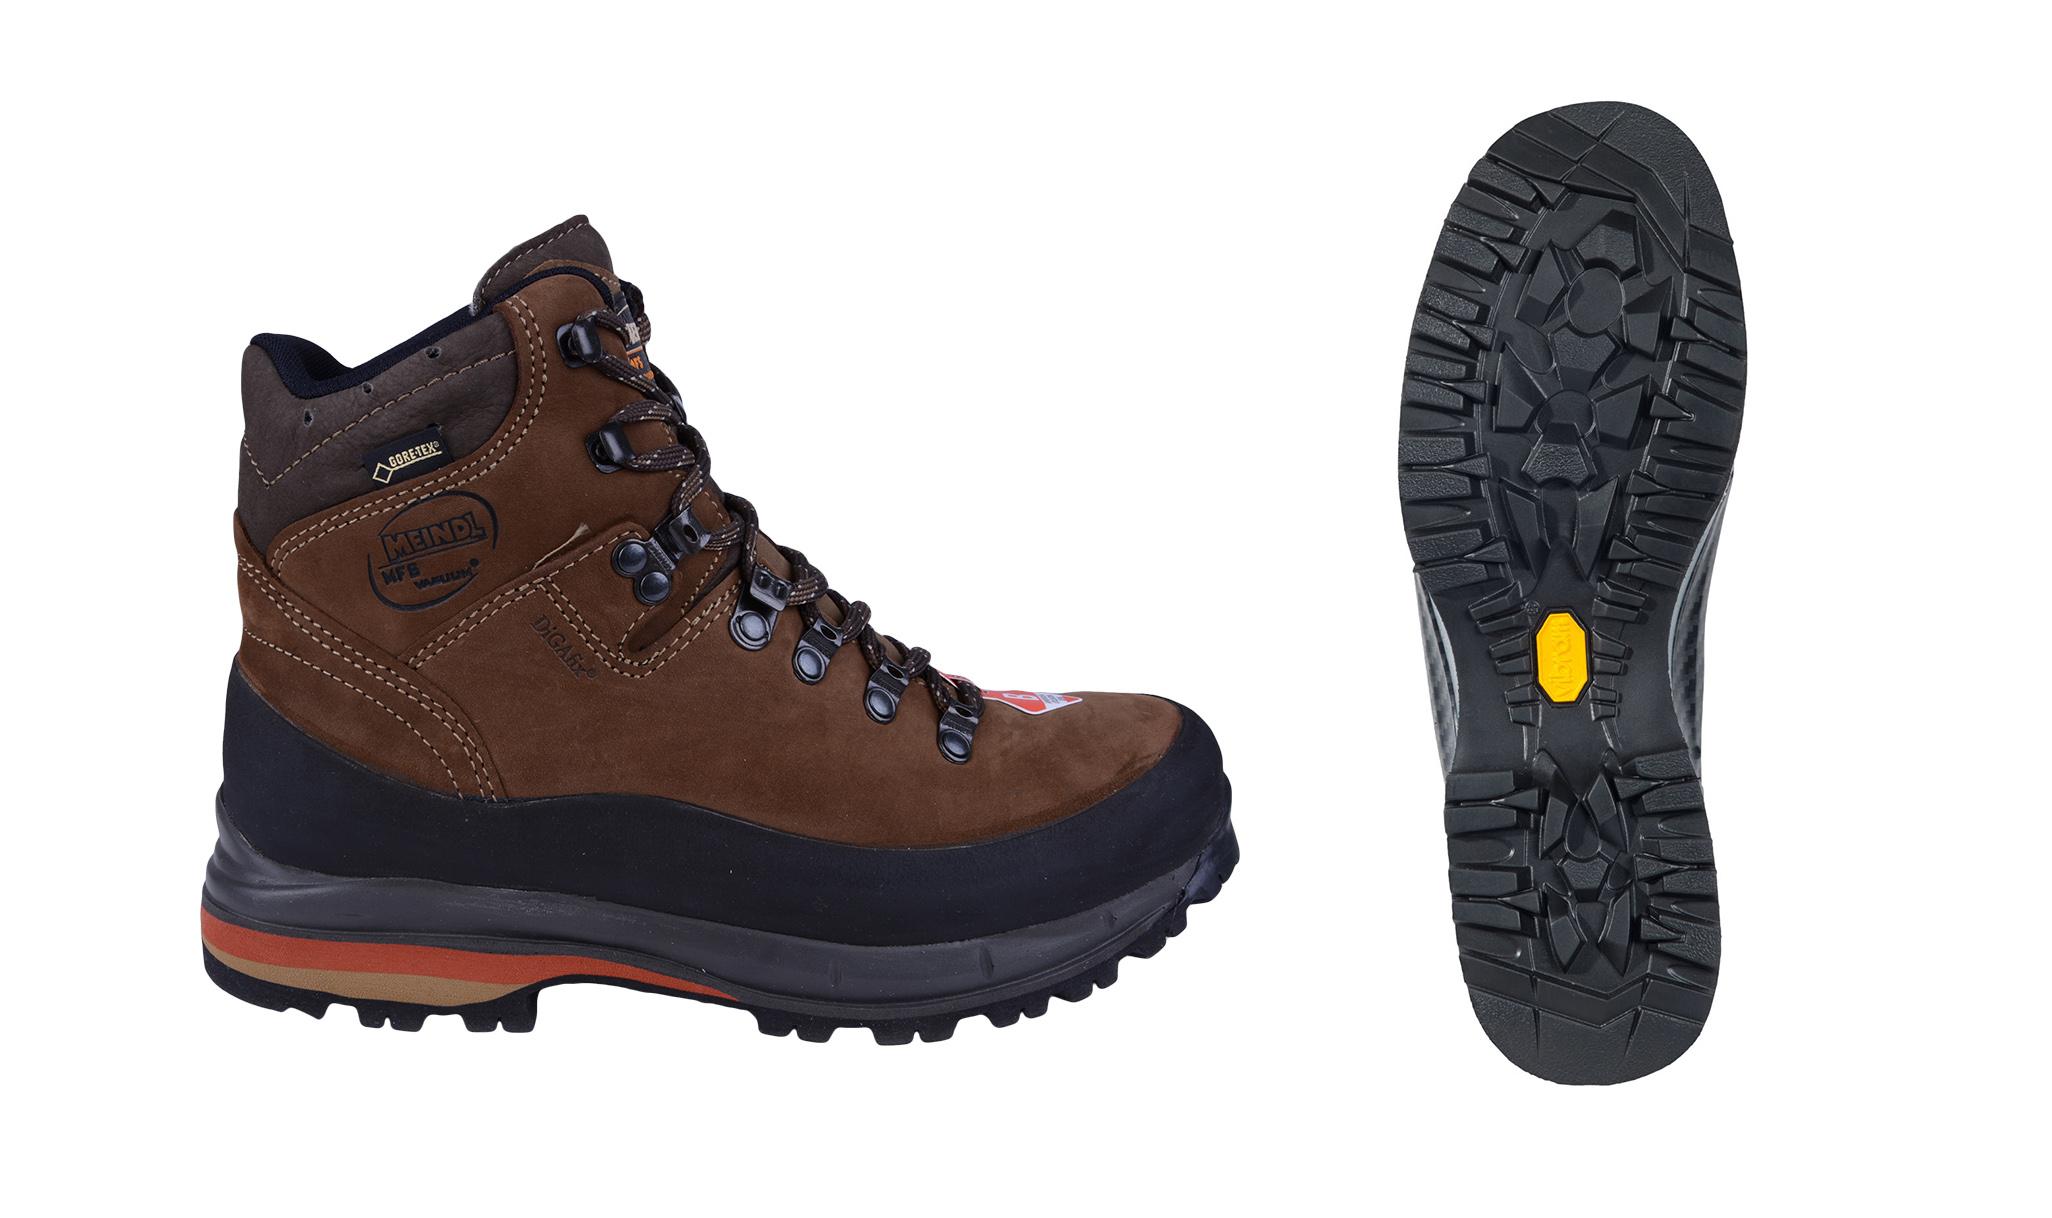 jakie buty trekkingowe wybra okiem szlakami naszego ycia. Black Bedroom Furniture Sets. Home Design Ideas